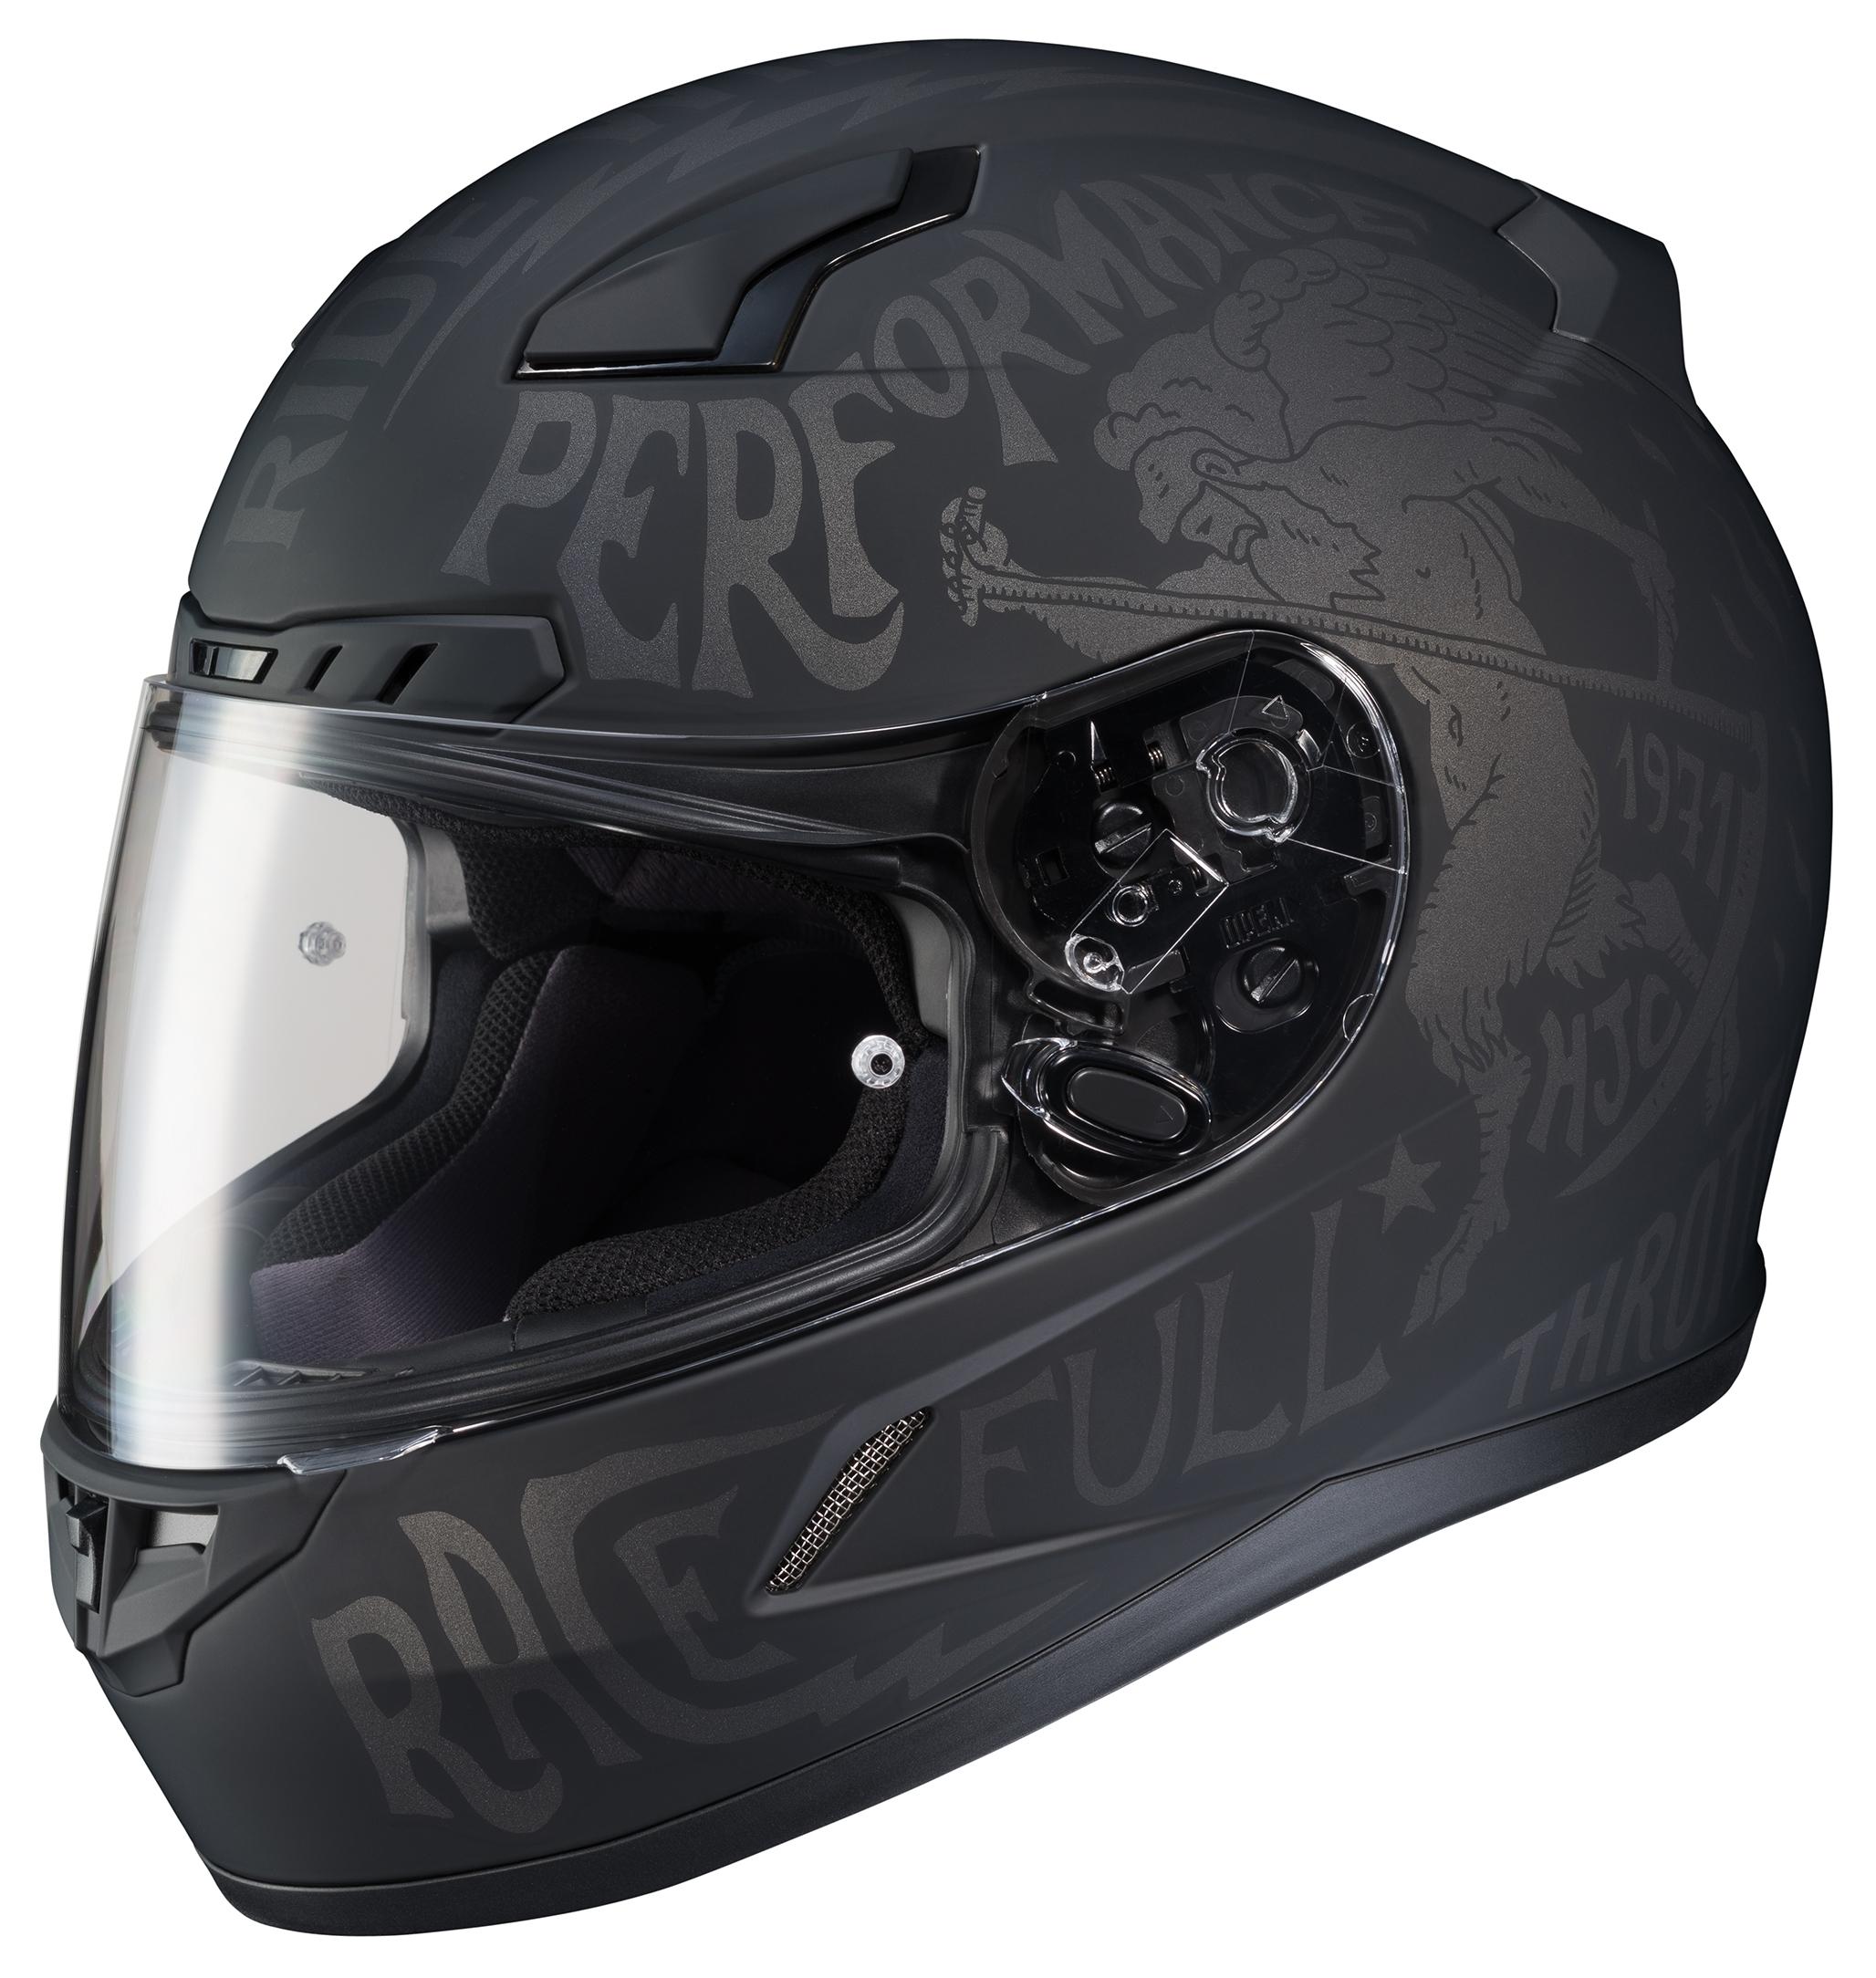 GMax GM11D Dual Sport Helmet - Graphic - RevZilla